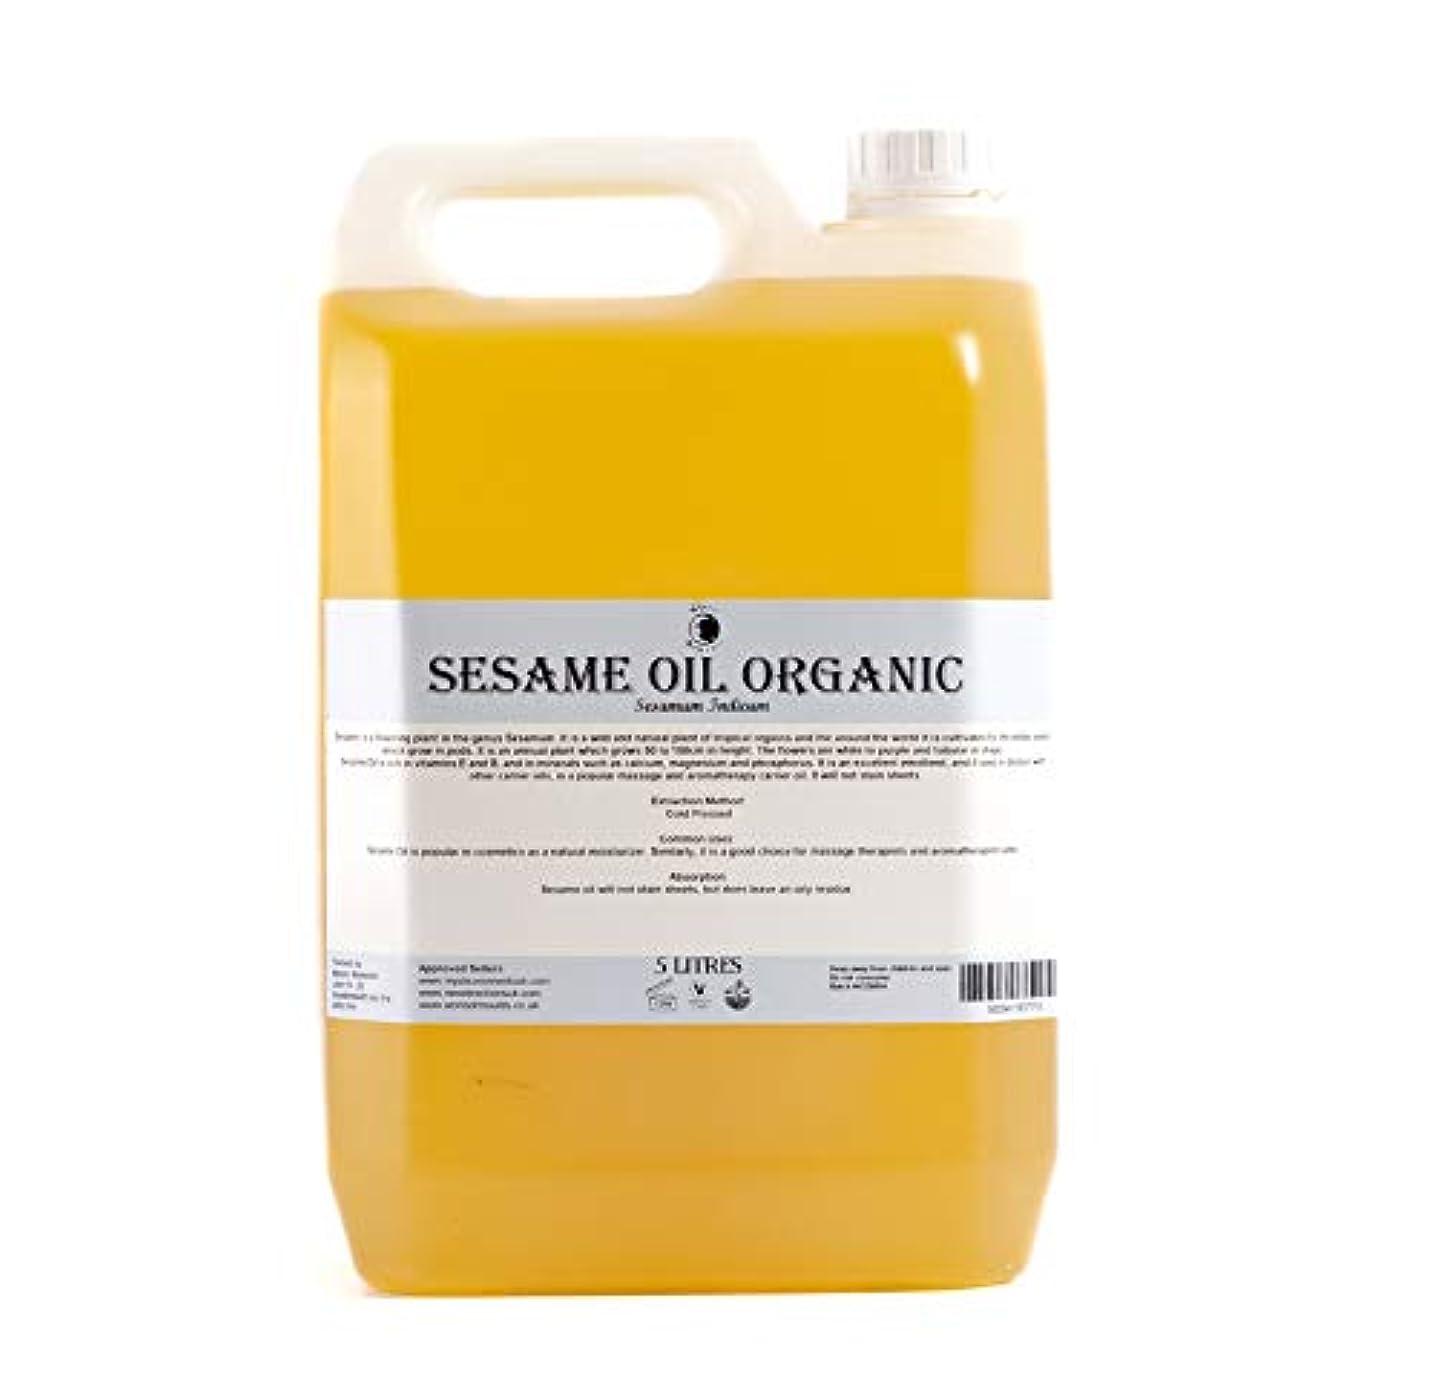 デマンドエゴイズム元のMystic Moments | Sesame Organic Carrier Oil - 5 Litres - 100% Pure